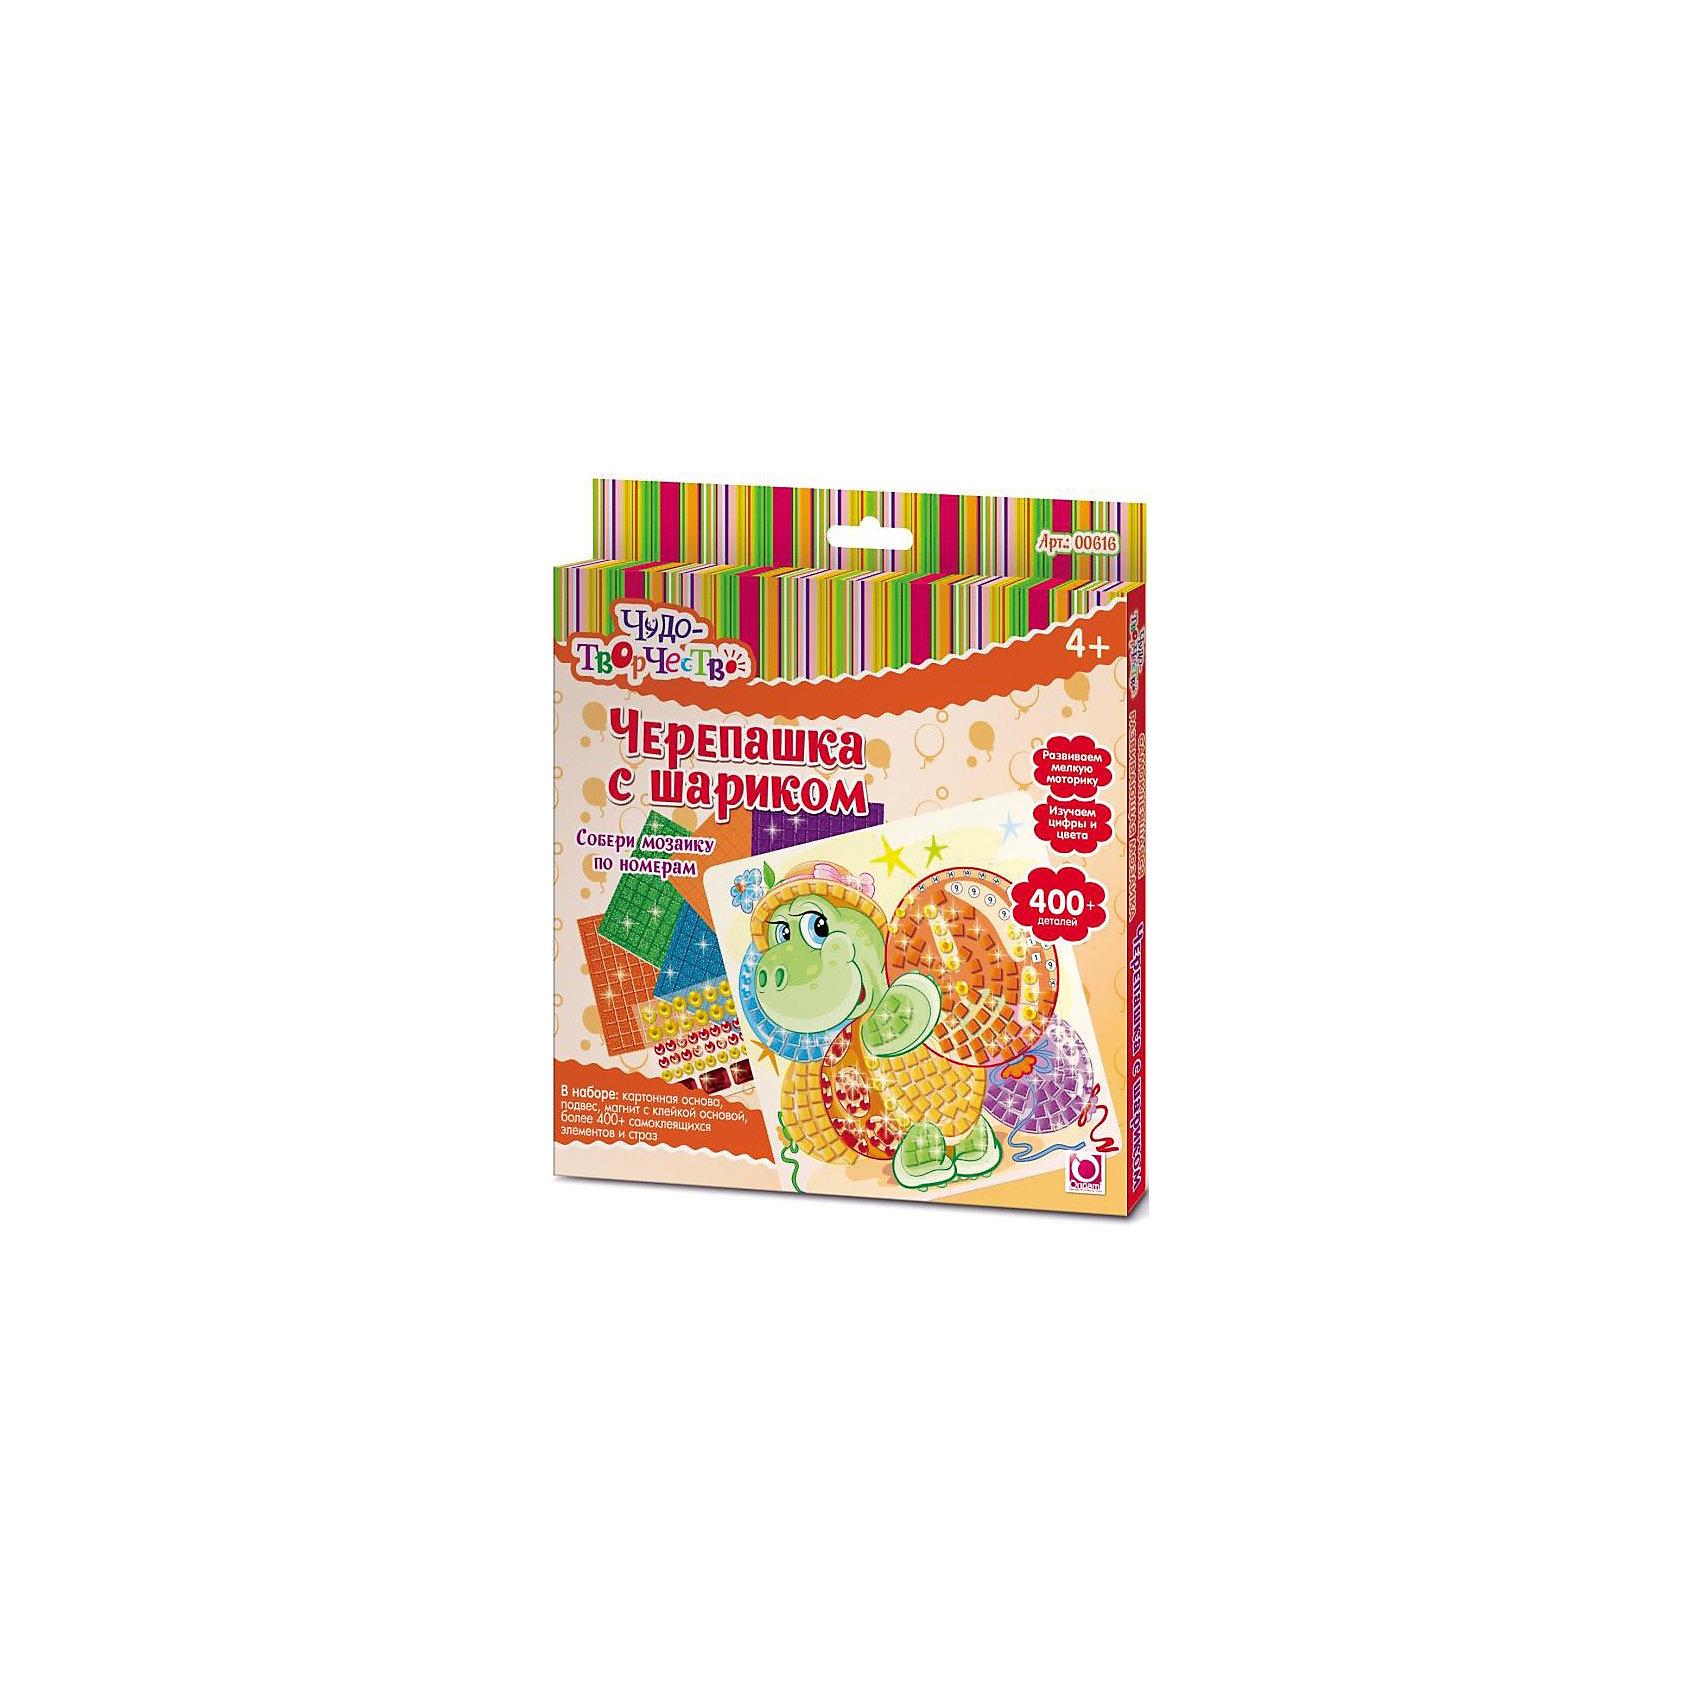 Мозаика Черепашка с шарикомМозаика детская<br>Мозаика Чудо-творчество с самоклеящимися элементами помогает изучить цвета и цифры, развивает мелкую моторику и воображение. В набор входит большее количество деталей, чем это нужно для изготовления картинки - сделай свою картинку и укрась ее стразами! После того, как мозаика готова, ее можно повесить на стену или прикрепить с помощью магнита на холодильник. Мозаику Чудо-творчество отличает высокое качество, авторские дизайны картинок, прекрасное наполнение.В наборе: картонная основа с картинкой (20x20см), 400+ самоклеящихся элементов и страз, подвес, магнит с клейкой основой. Рекомендованный возраст: 4+.<br><br>Ширина мм: 205<br>Глубина мм: 15<br>Высота мм: 230<br>Вес г: 130<br>Возраст от месяцев: 48<br>Возраст до месяцев: 84<br>Пол: Унисекс<br>Возраст: Детский<br>SKU: 5165779